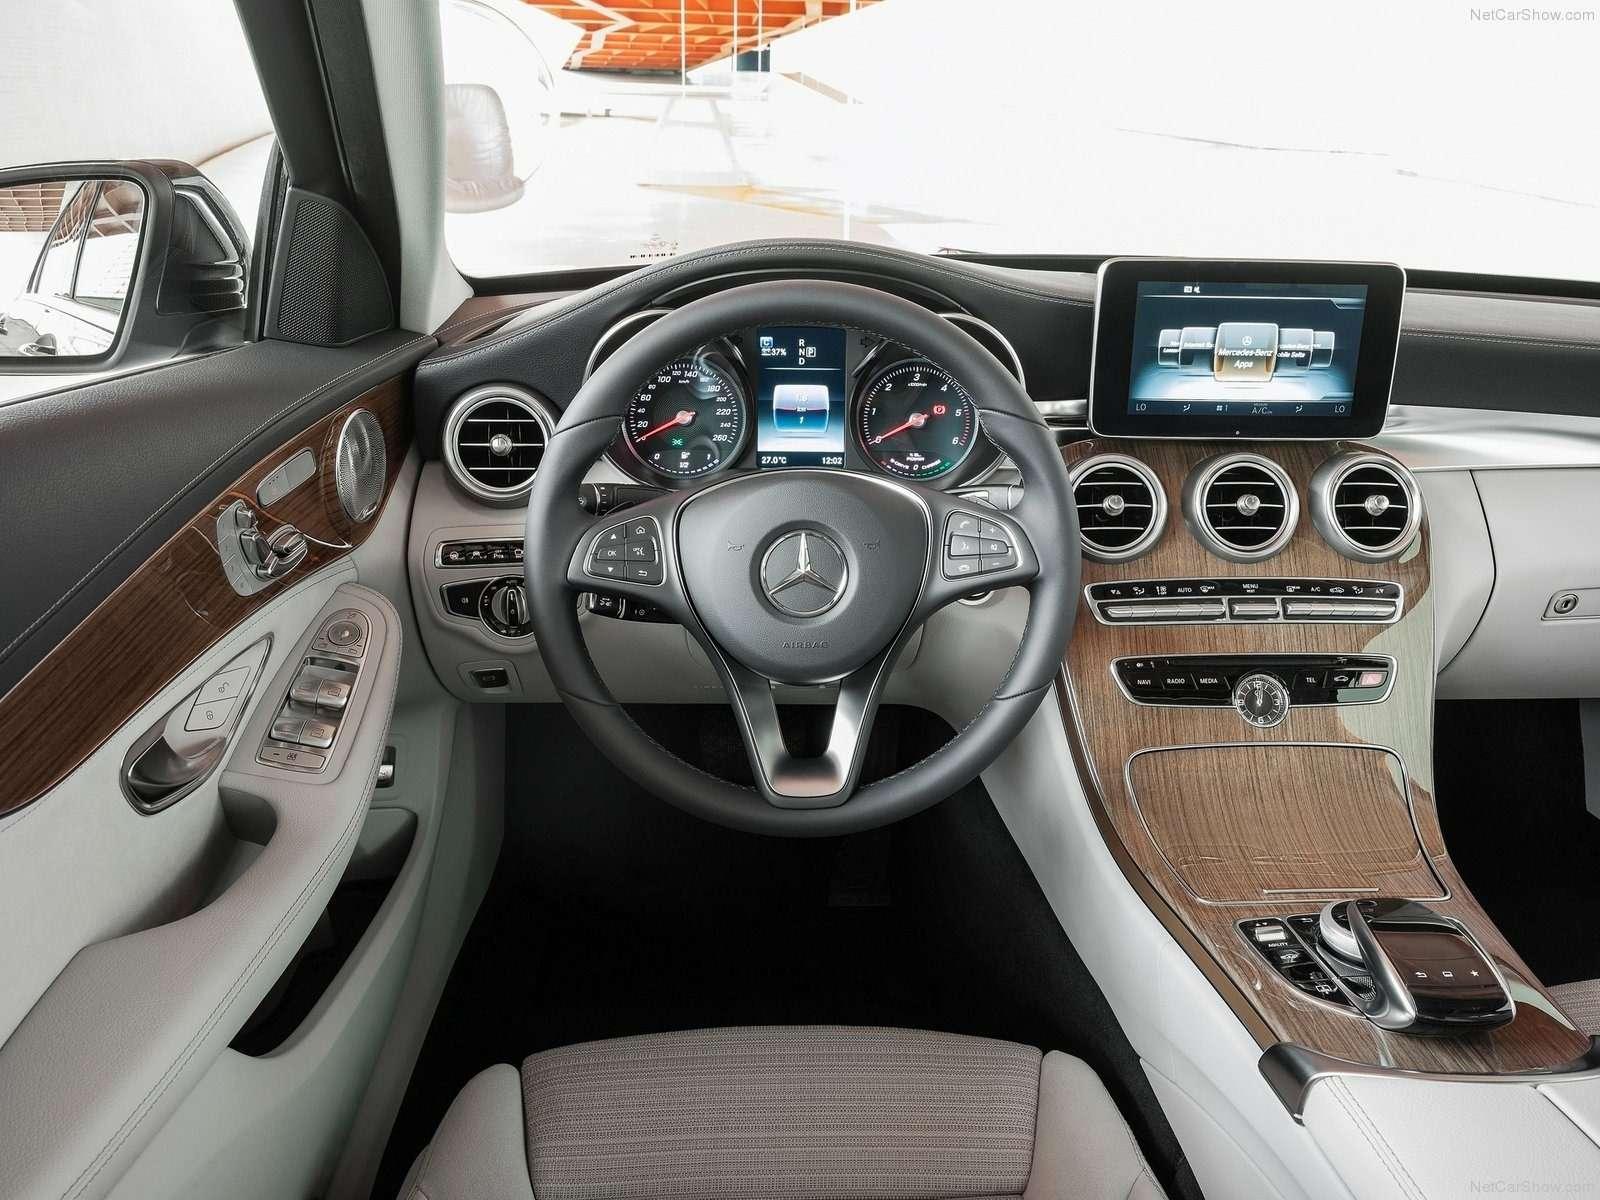 01Mercedes C-Class interior